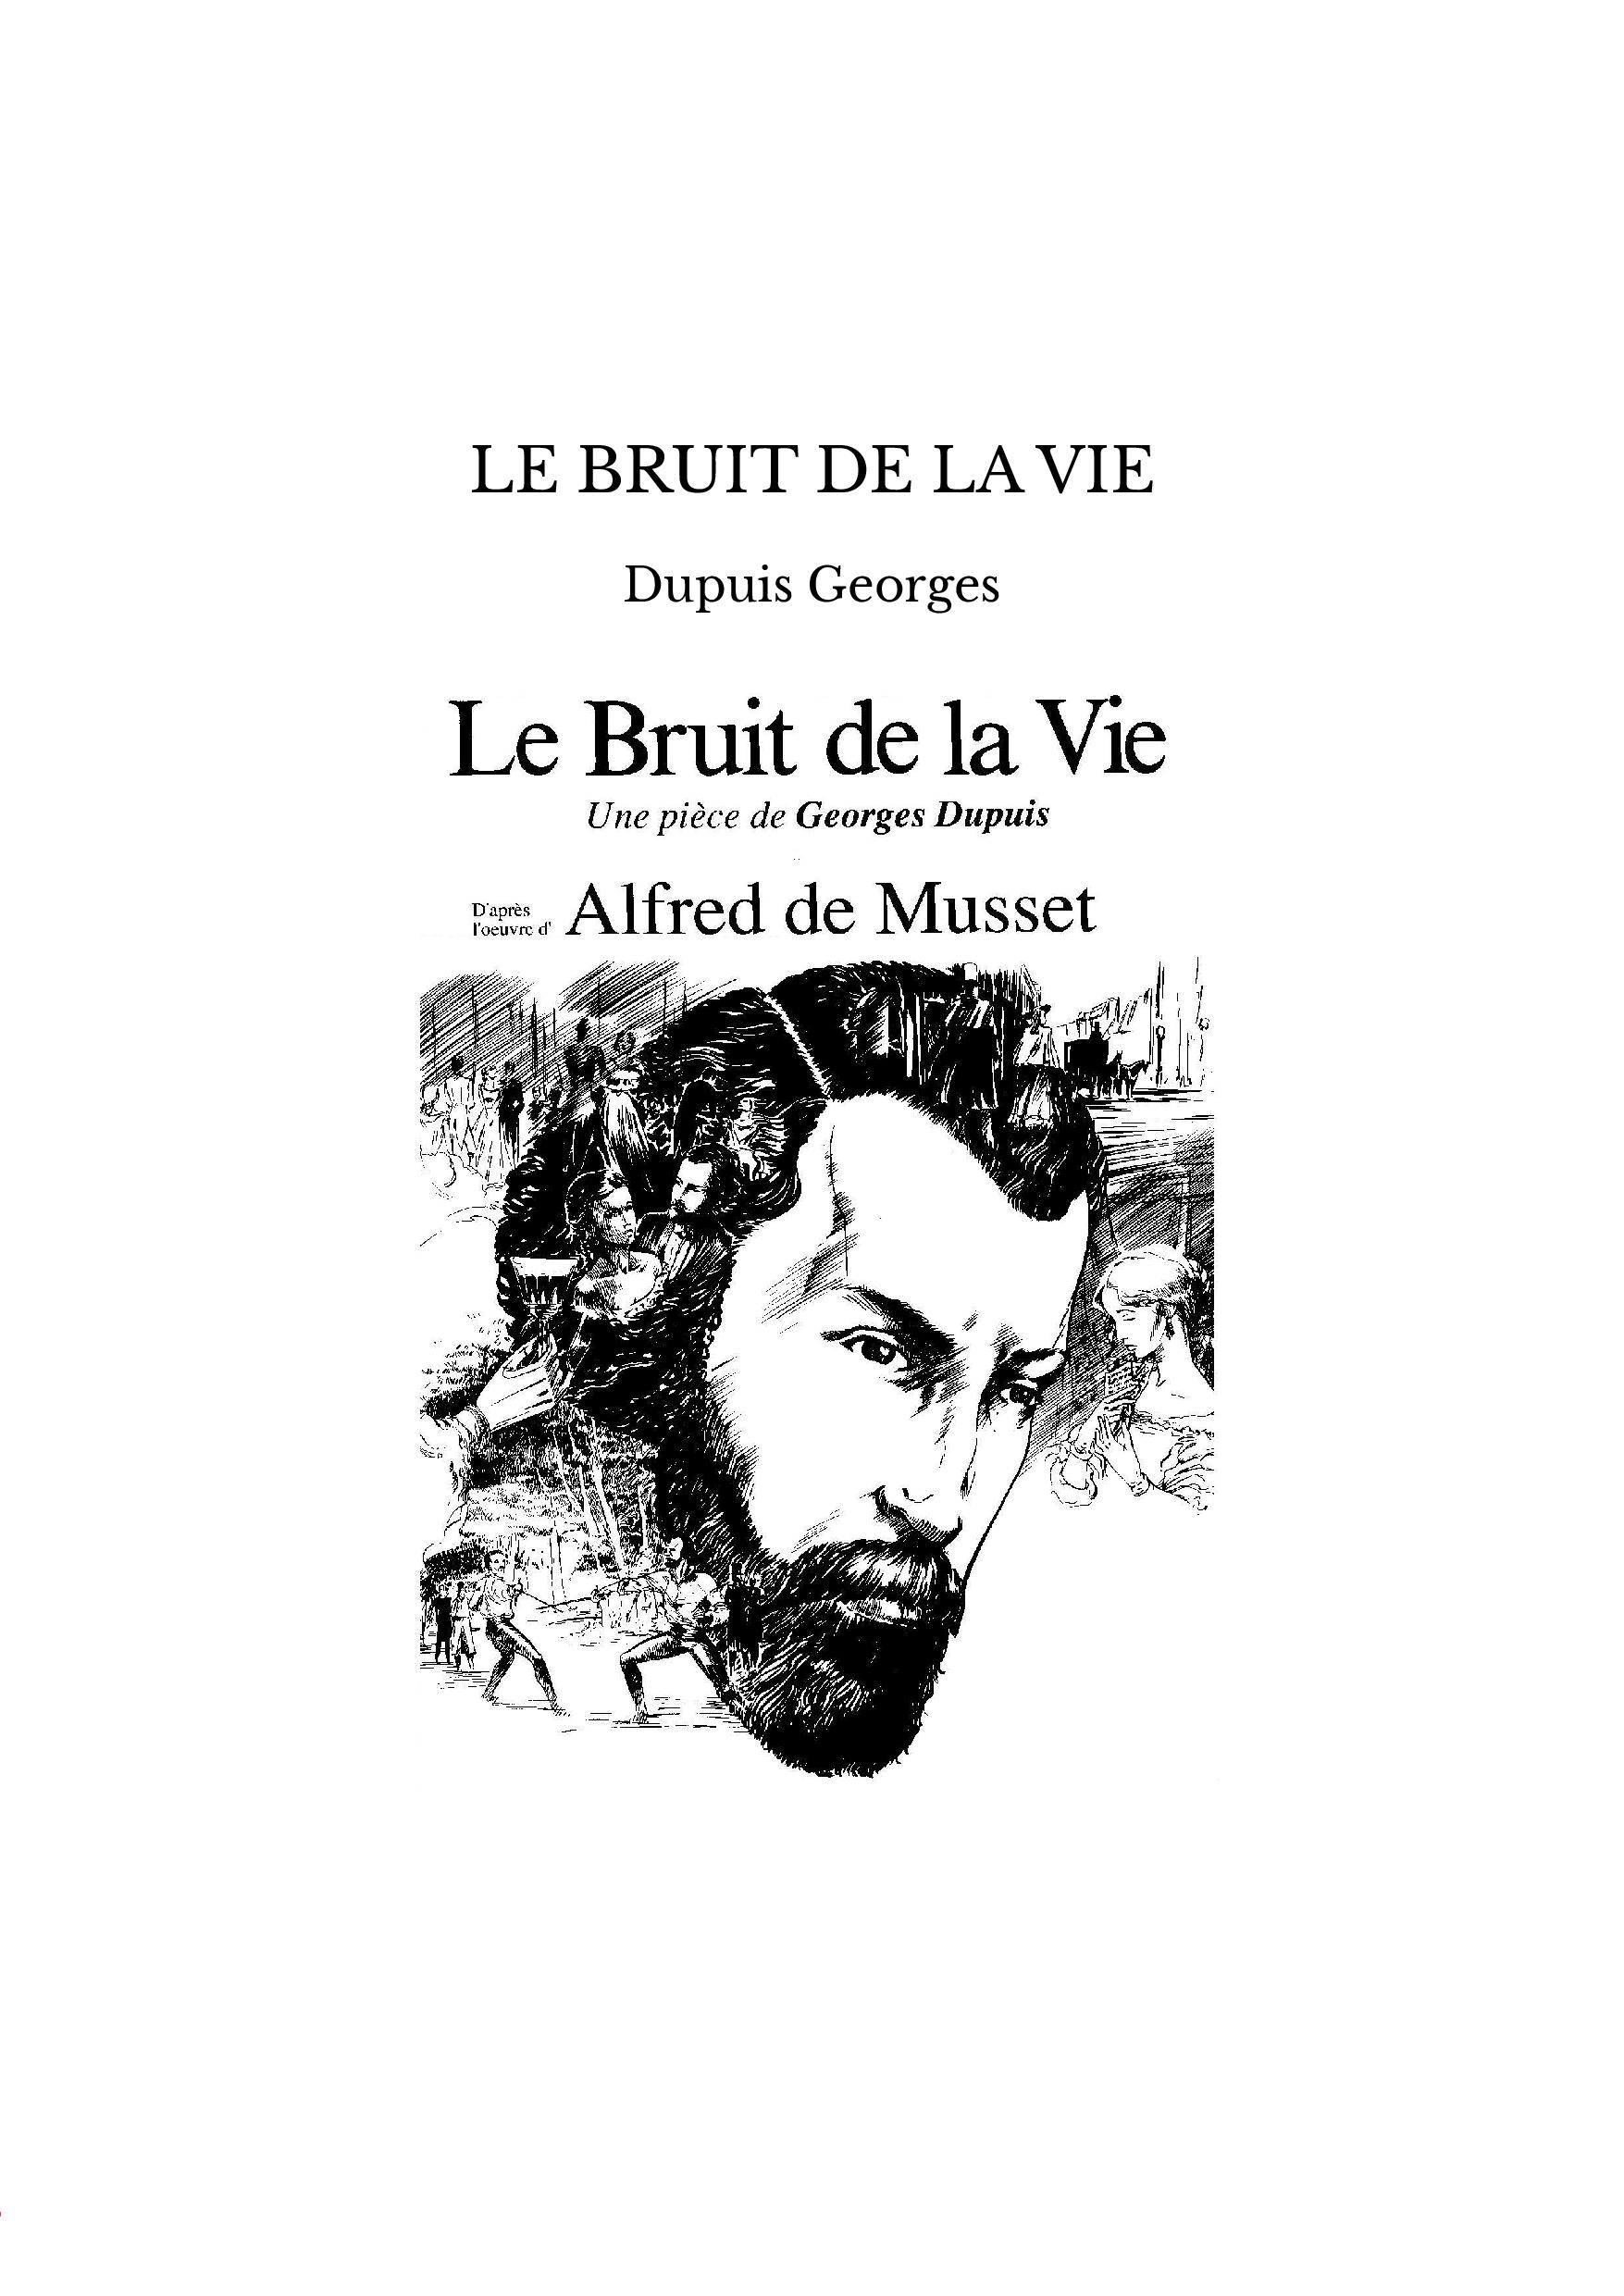 LE BRUIT DE LA VIE